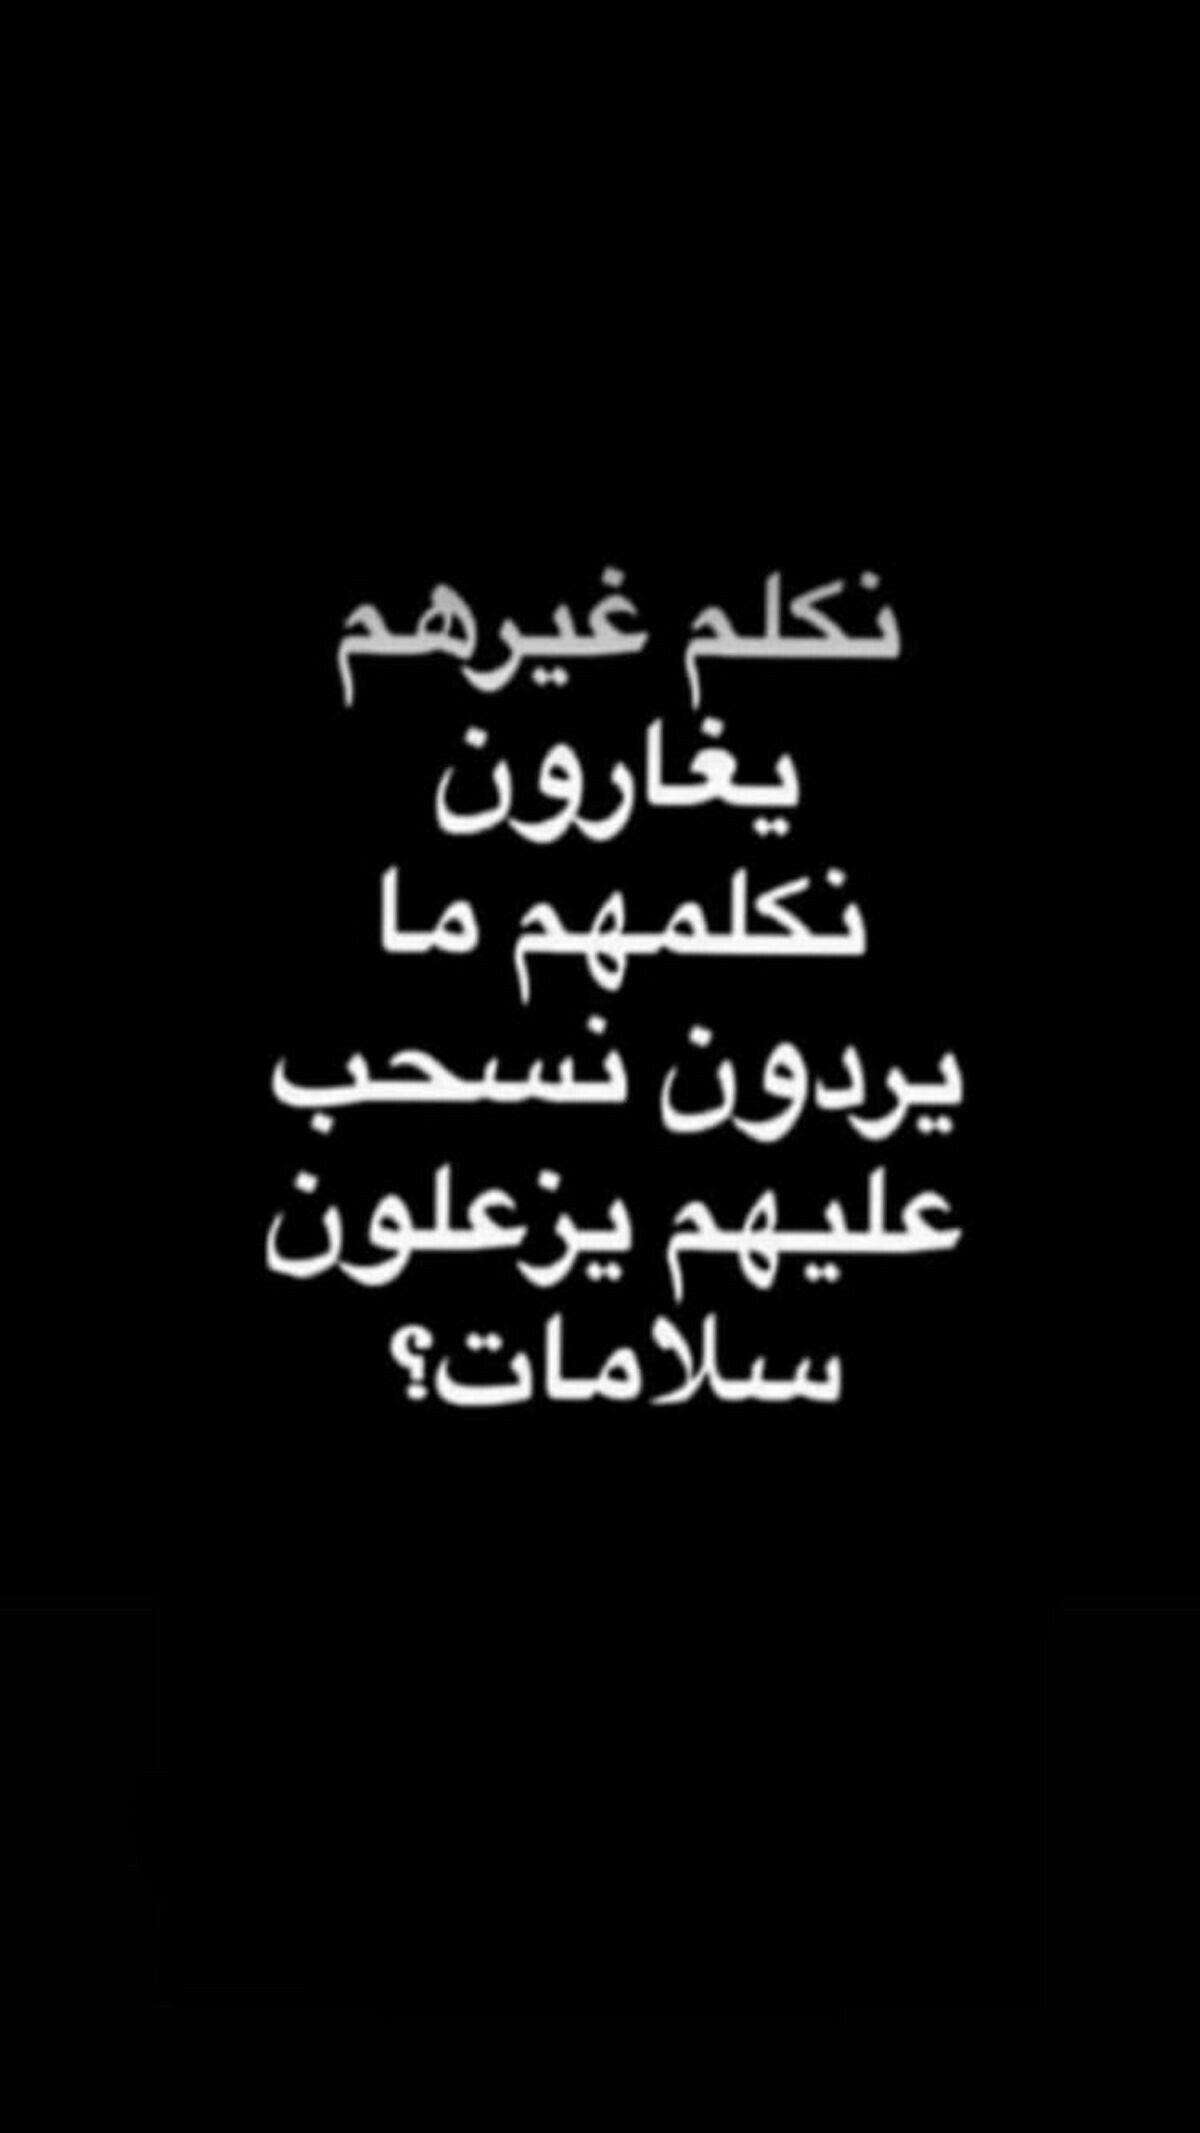 شو عم بيصير Funny Study Quotes Funny Arabic Quotes Calligraphy Quotes Love